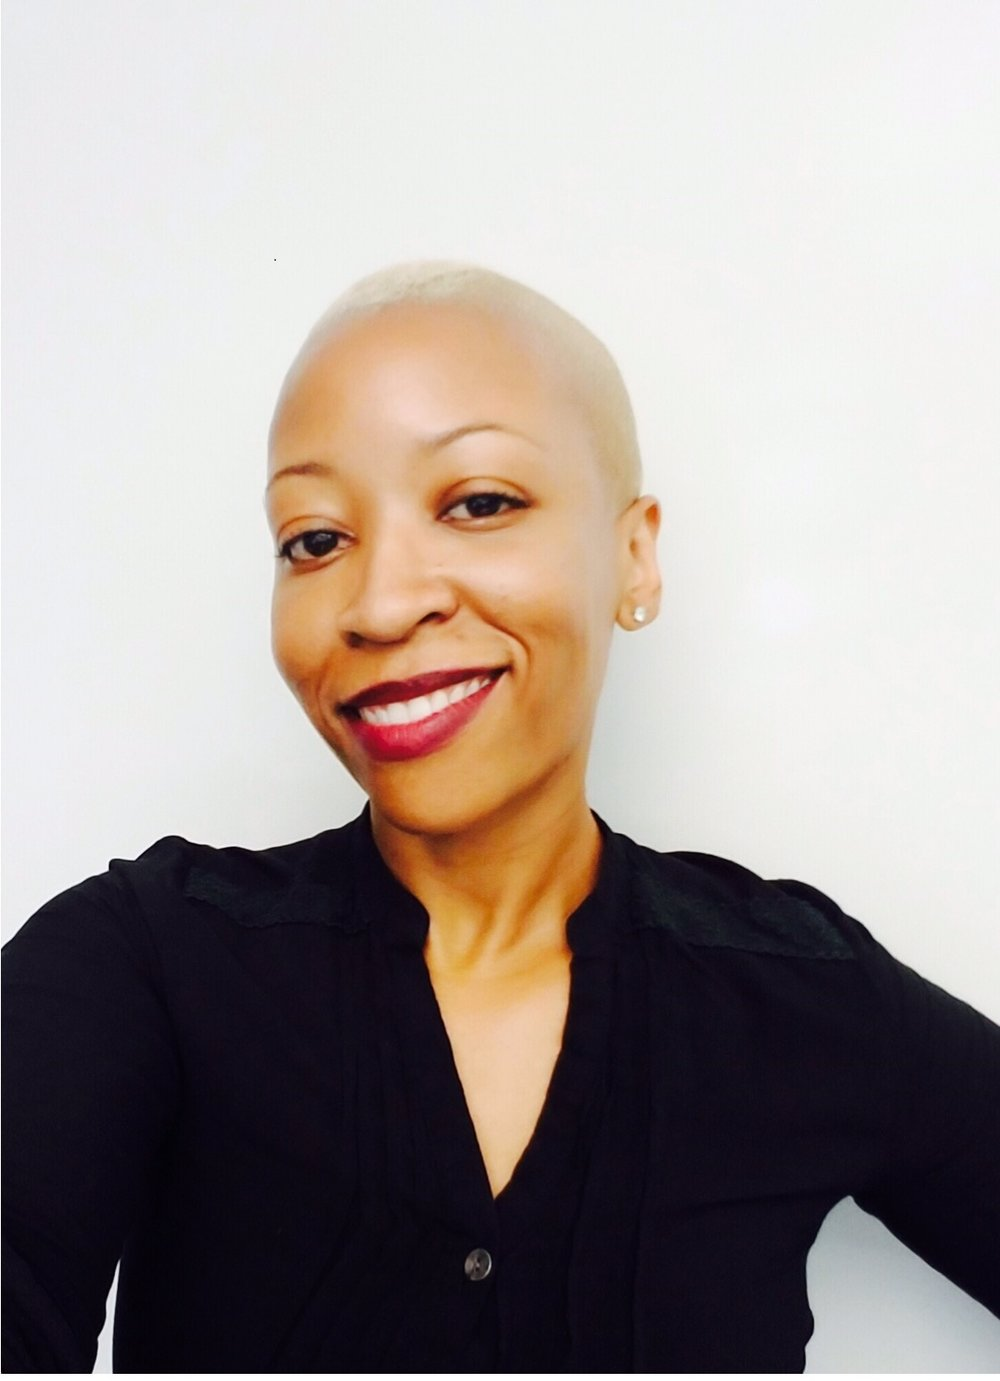 Ms. Zuleika Smith Art Teacher Email: zuleika.smith@dc.gov